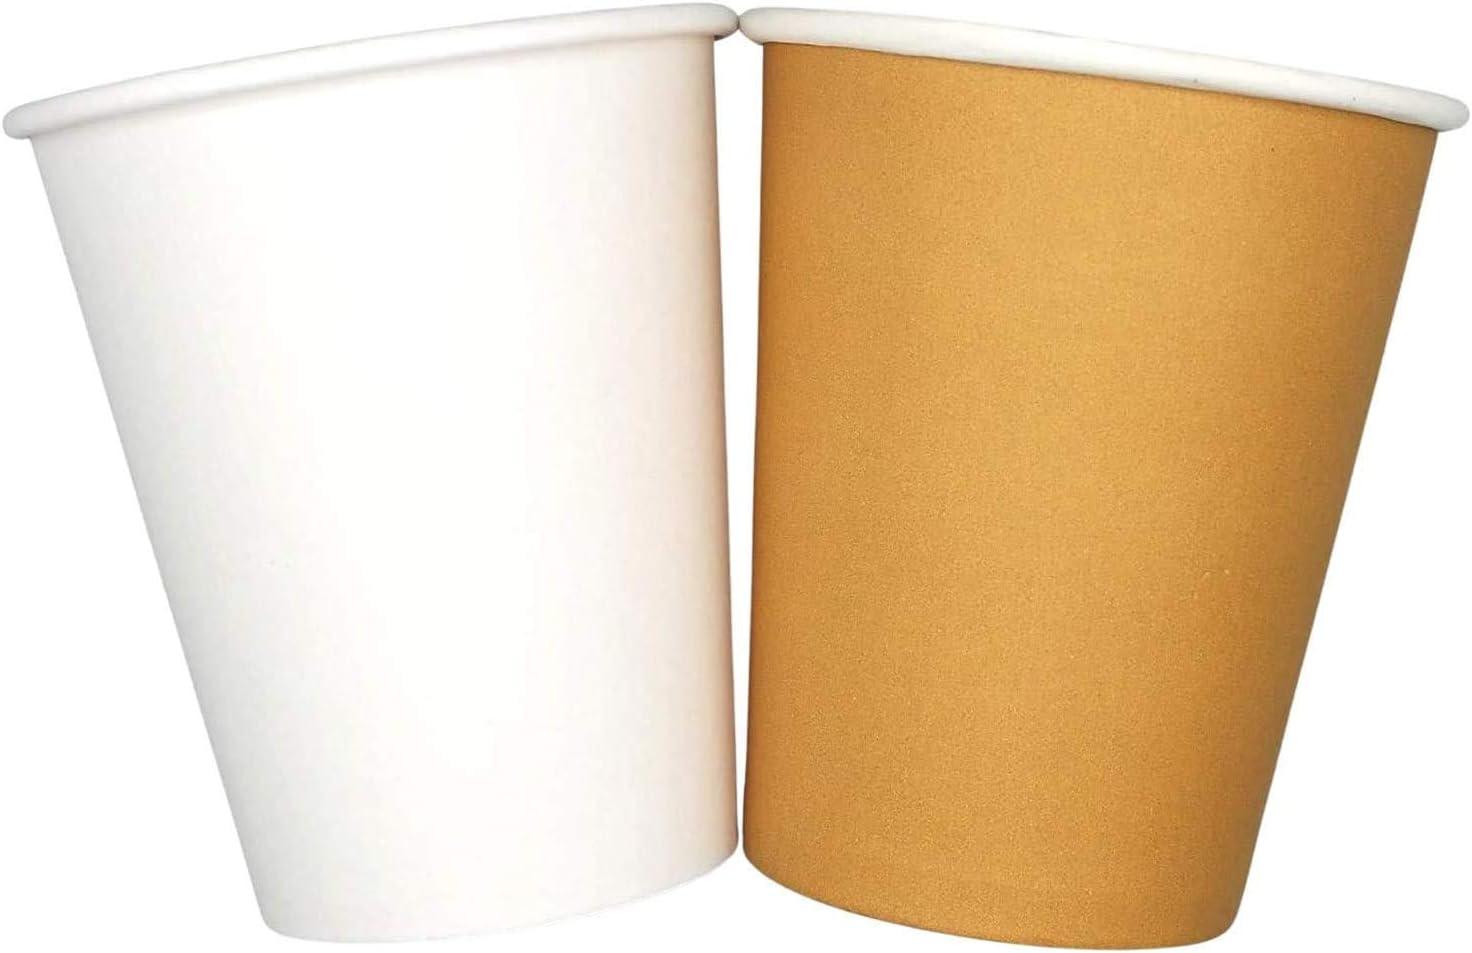 Vasos de papel reciclables blancos desechables, de alta calidad, grandes para agua, cerveza, café, expreso, leche, cóctel, té, bebidas, chocolate caliente, coca, vasos y tazas Eco-Friendly